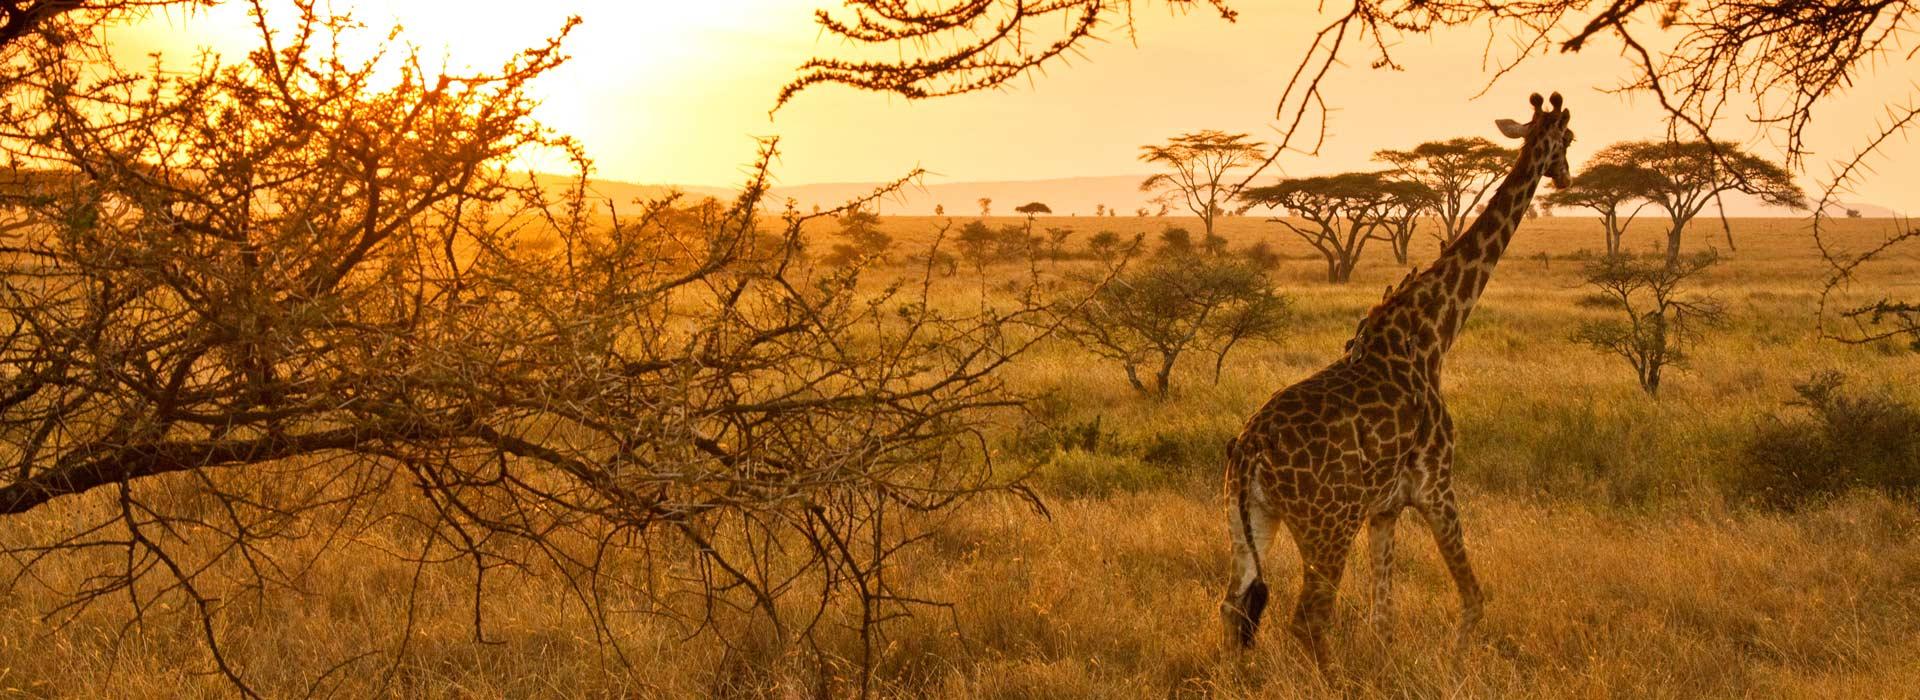 Група Танзания и Занзибар